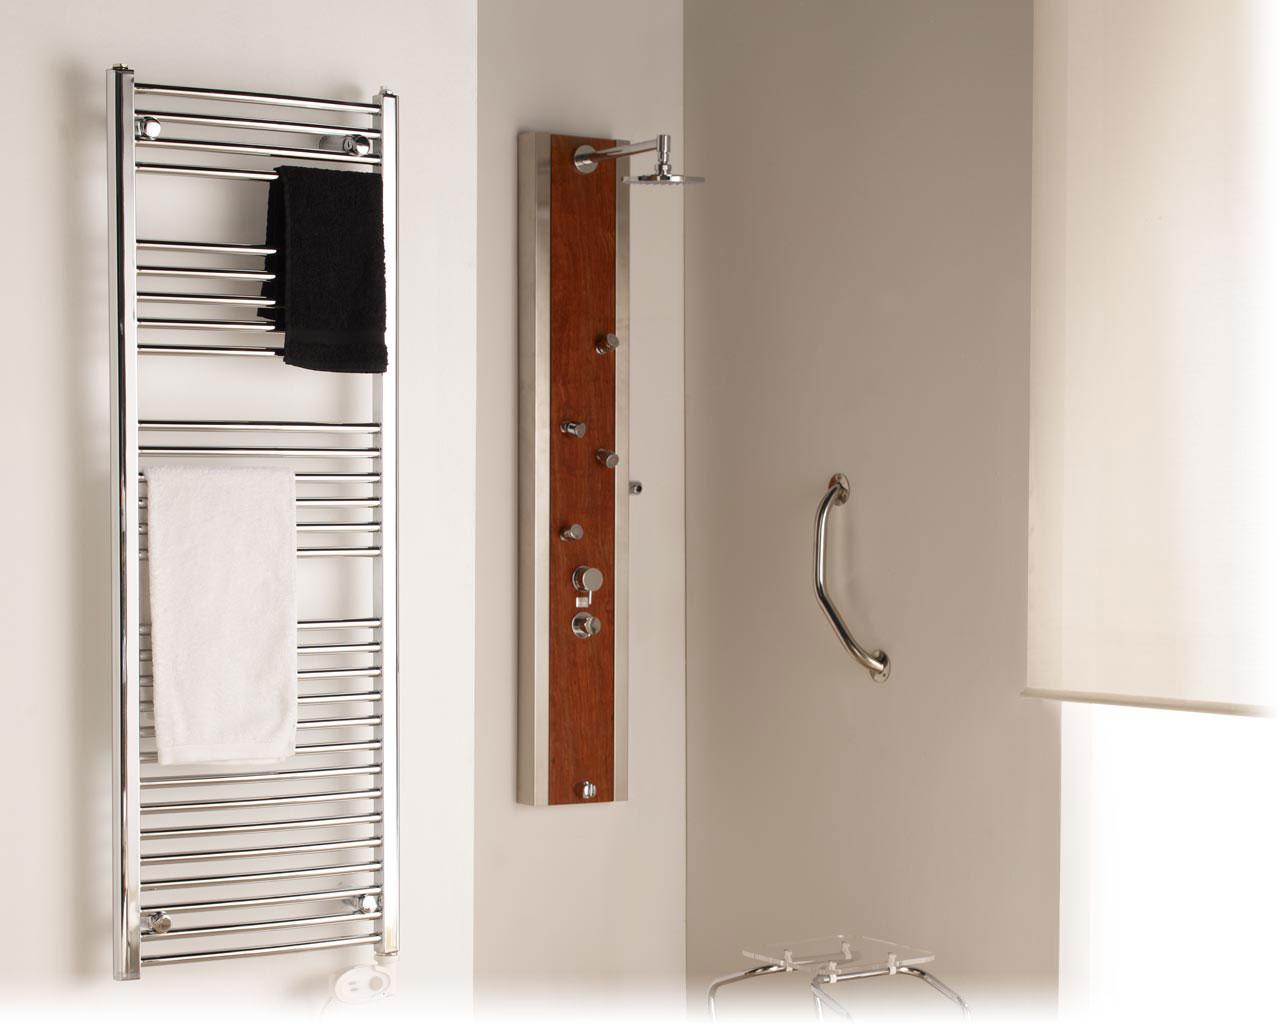 Comprar electrodom sticos en espa a electrico toallero for Toalleros electricos cromados